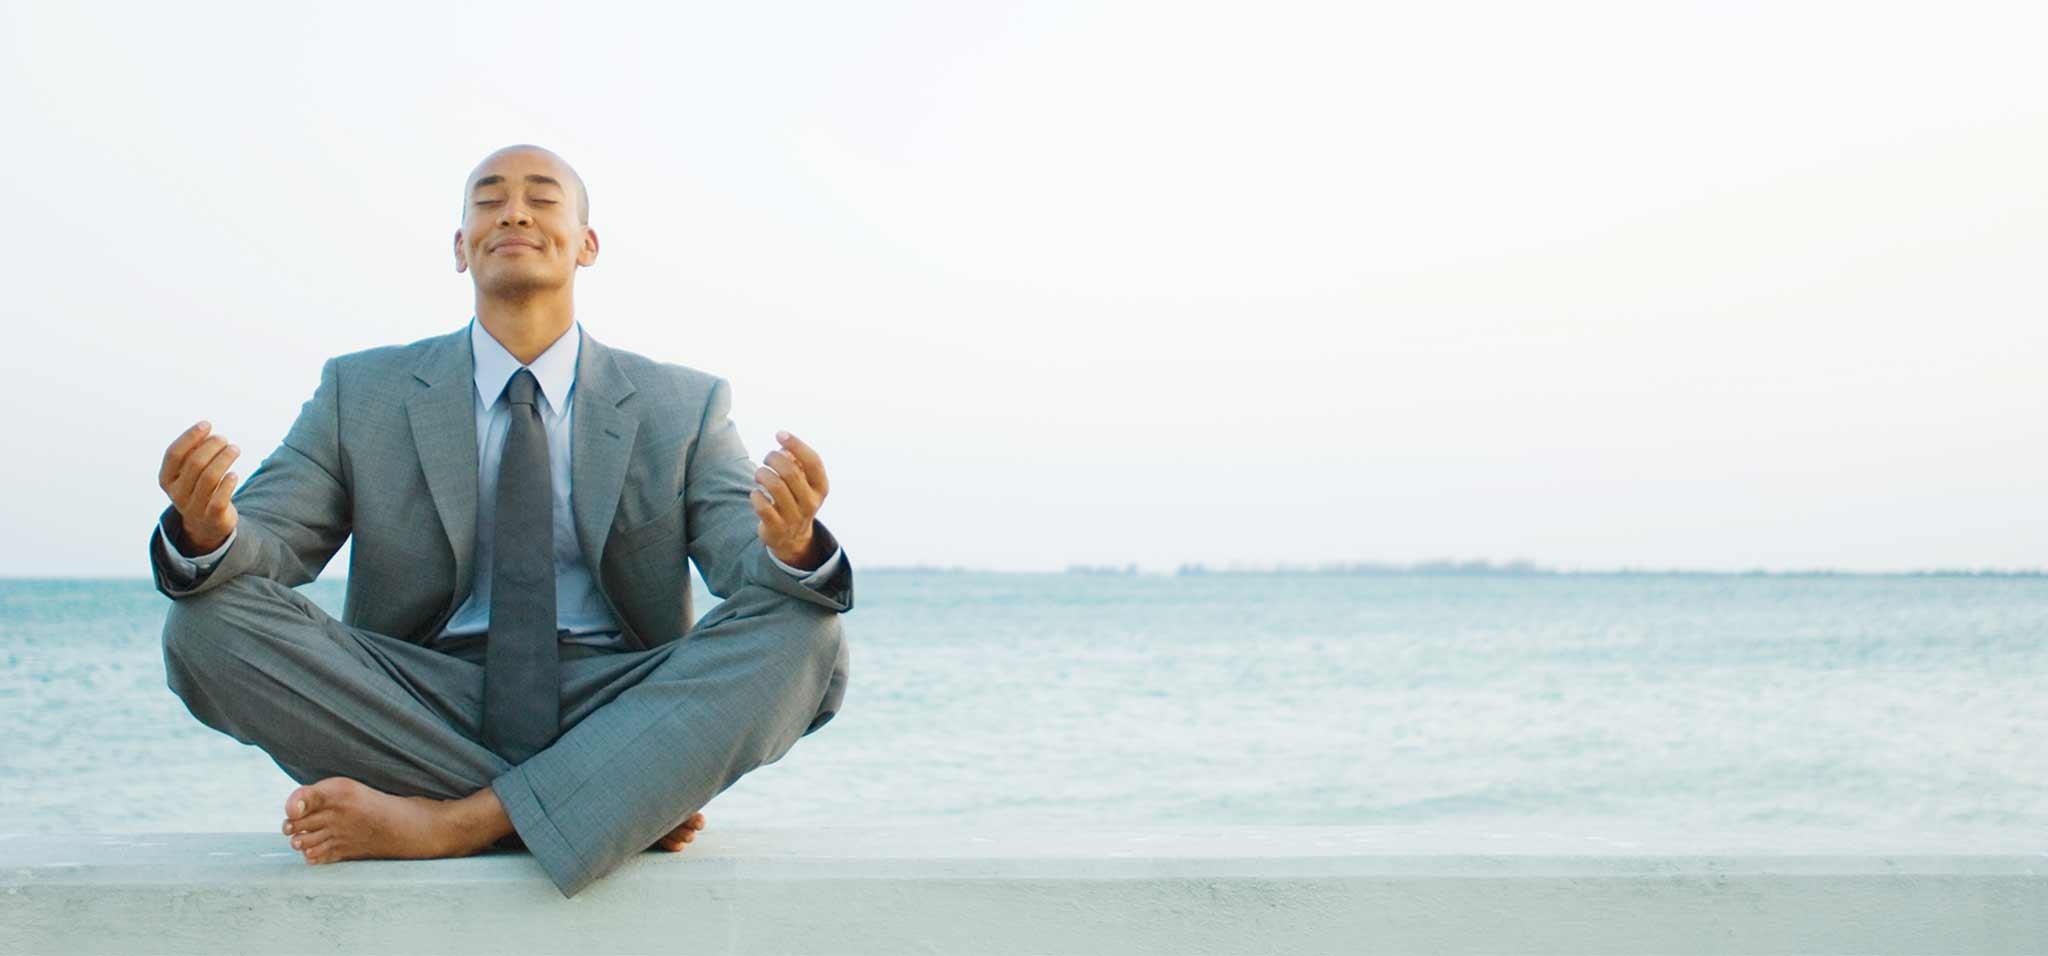 Man practicing mindfullness